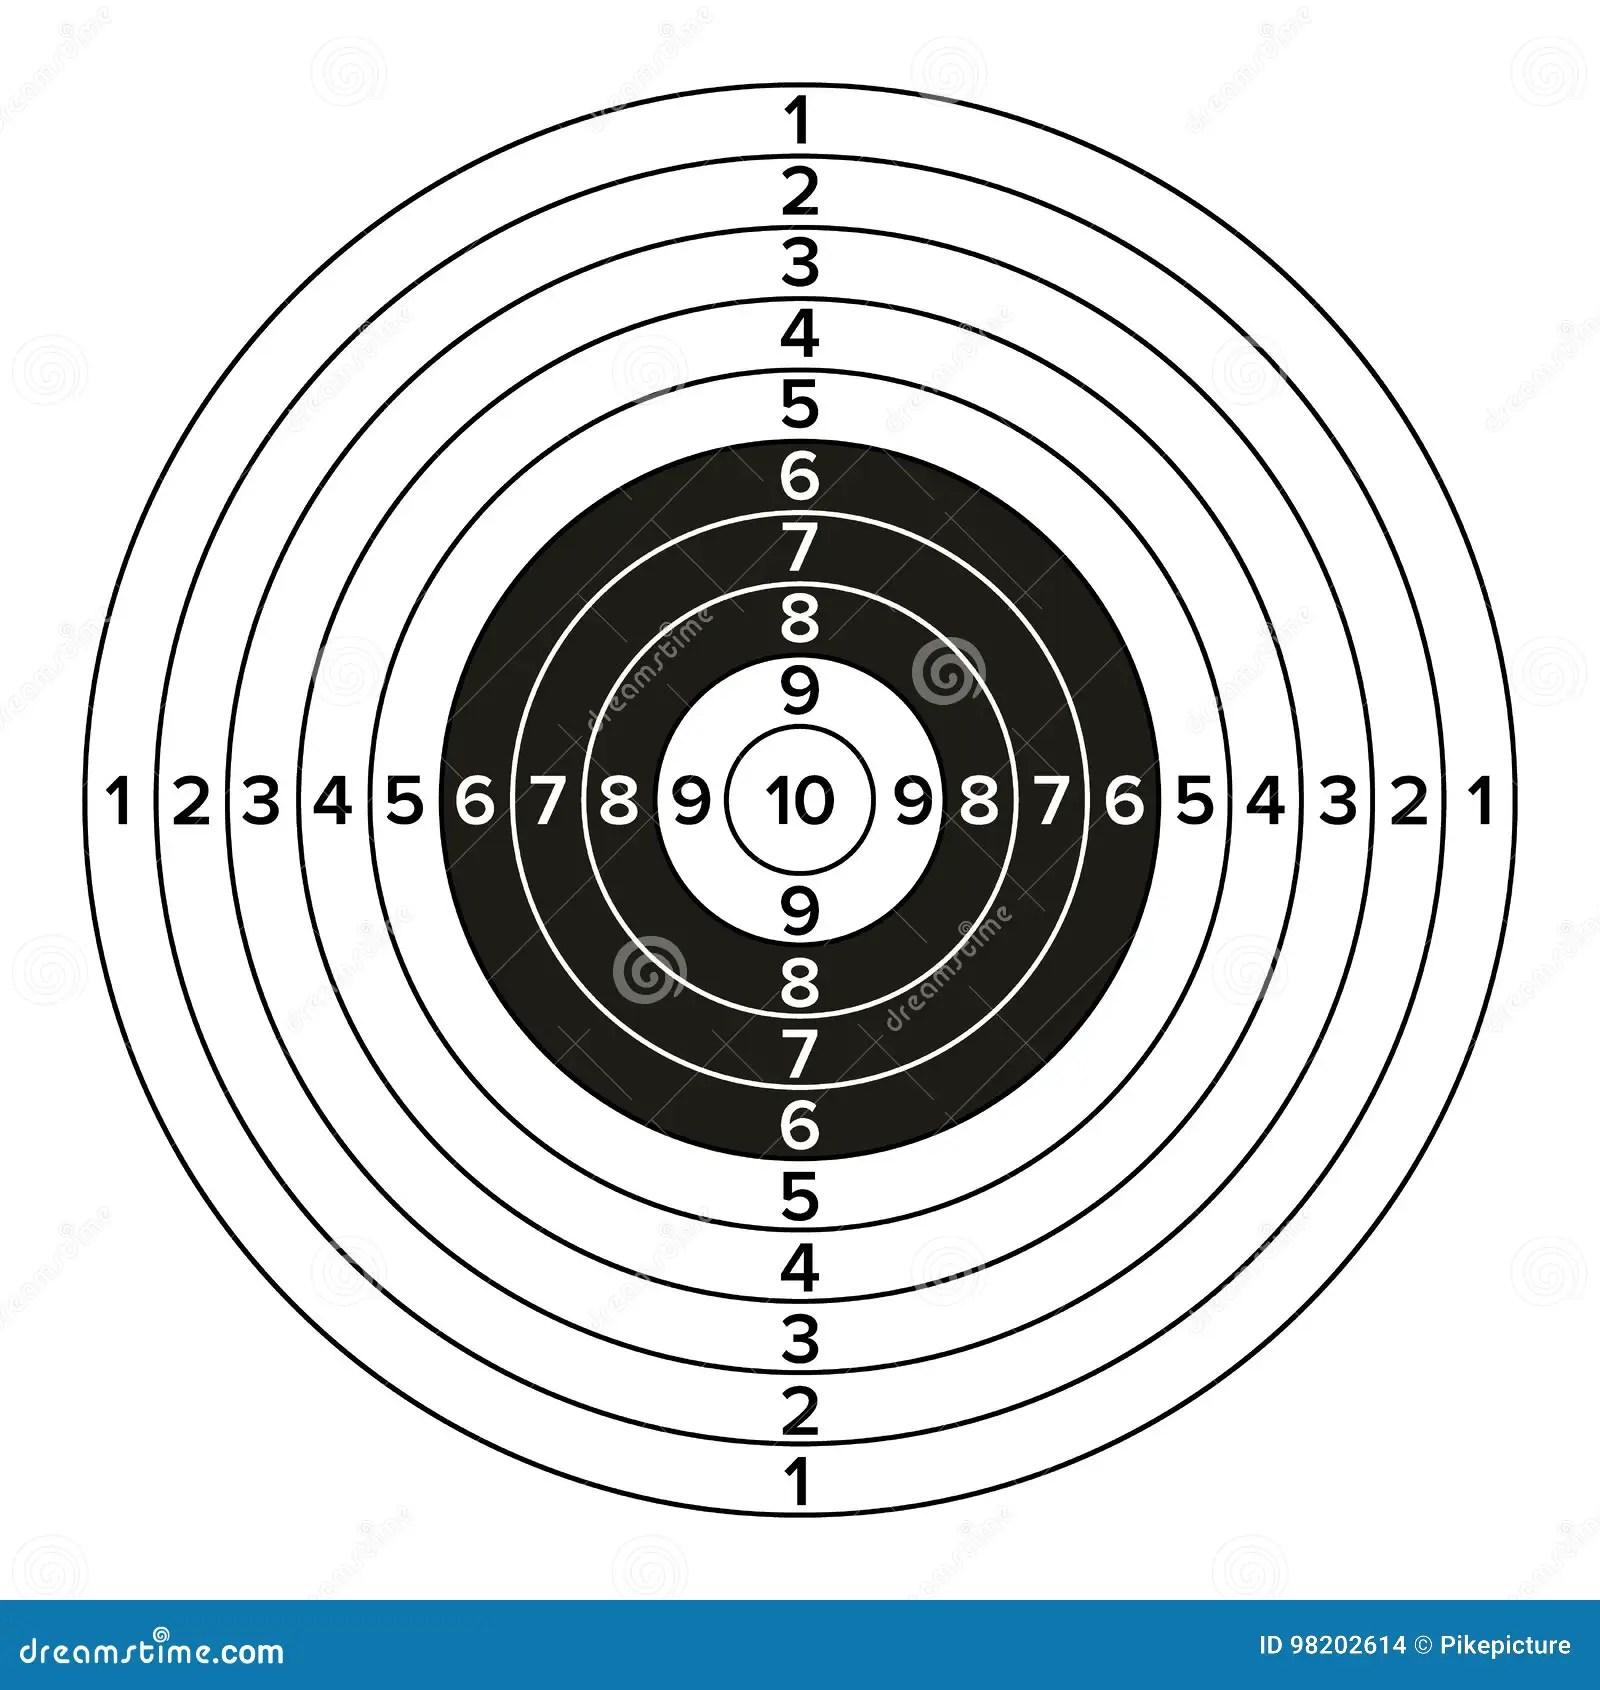 Shooting Target Bitten Apple Royalty Free Stock